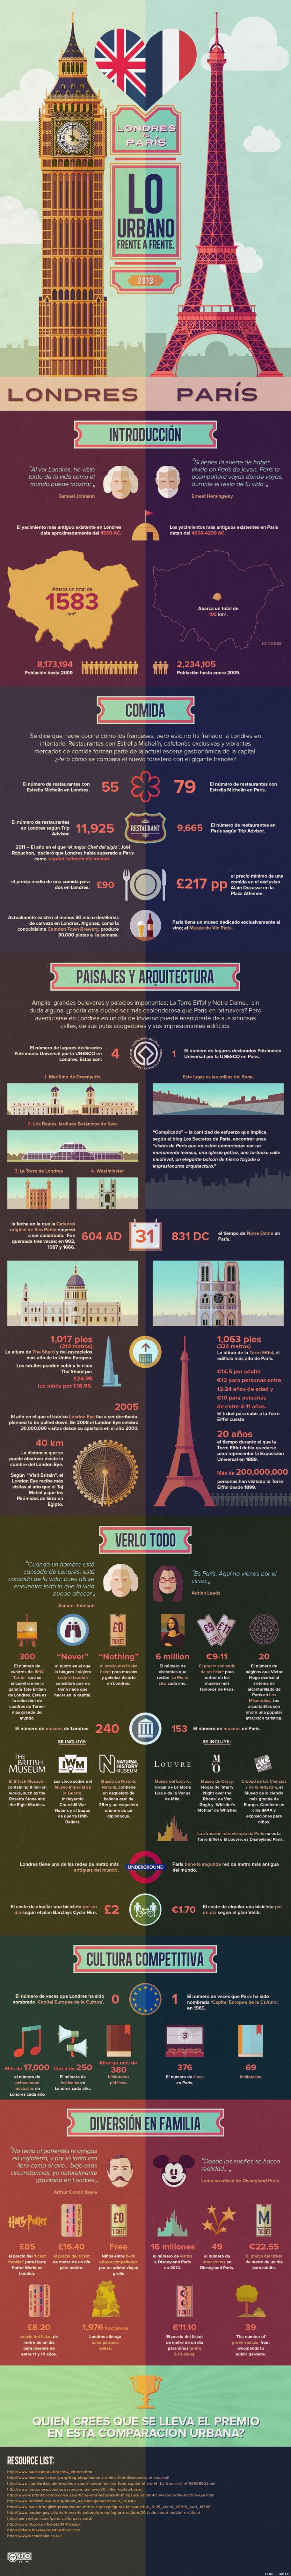 París o Londres ¿qué prefieres?